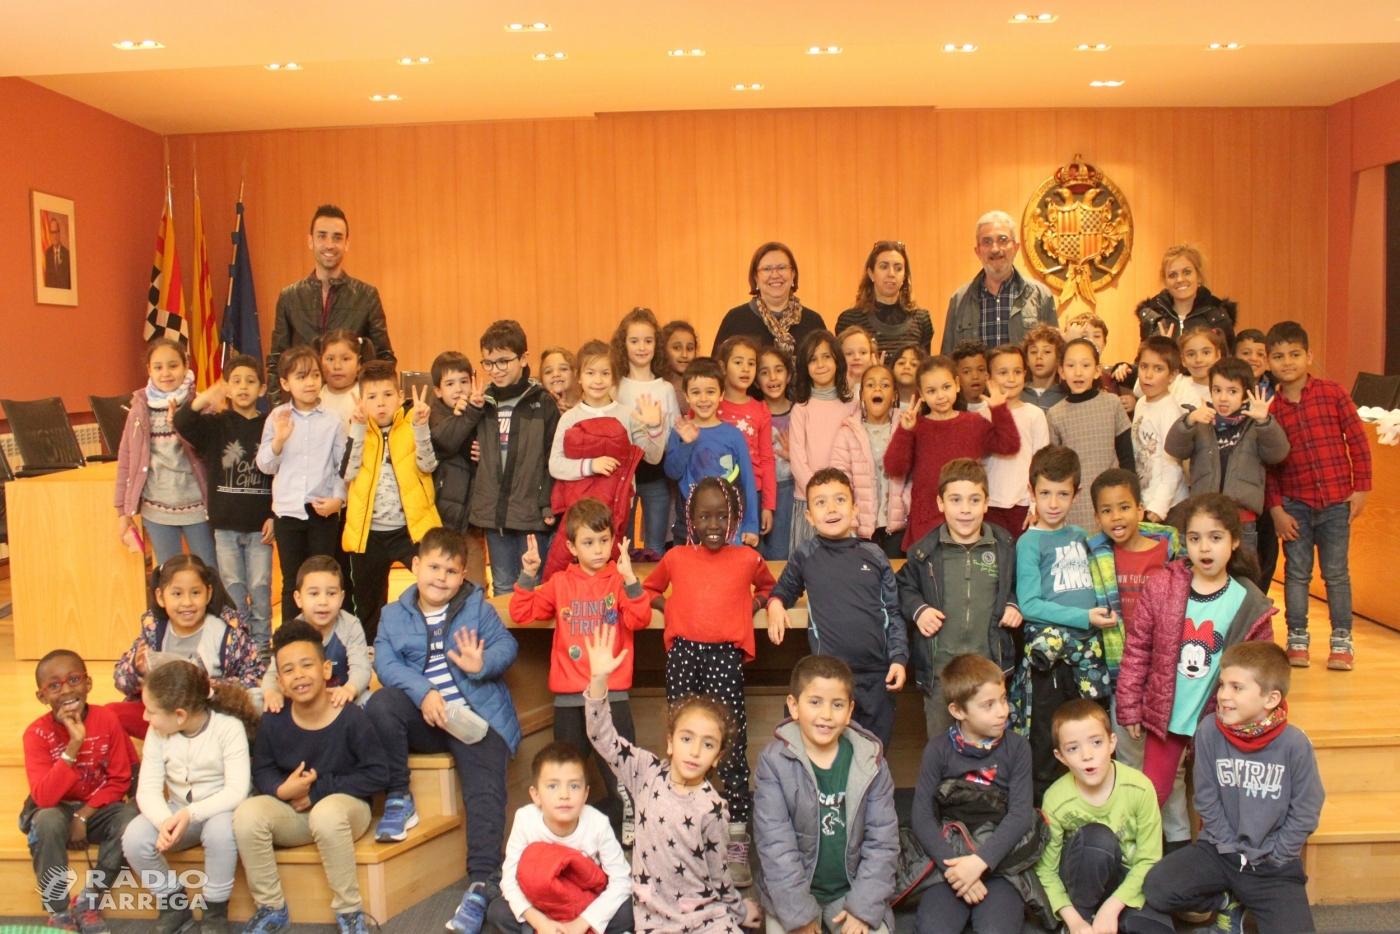 L'Ajuntament de Tàrrega rep la visita d'alumnes del Col·legi Sant Josep - Vedruna de la ciutat